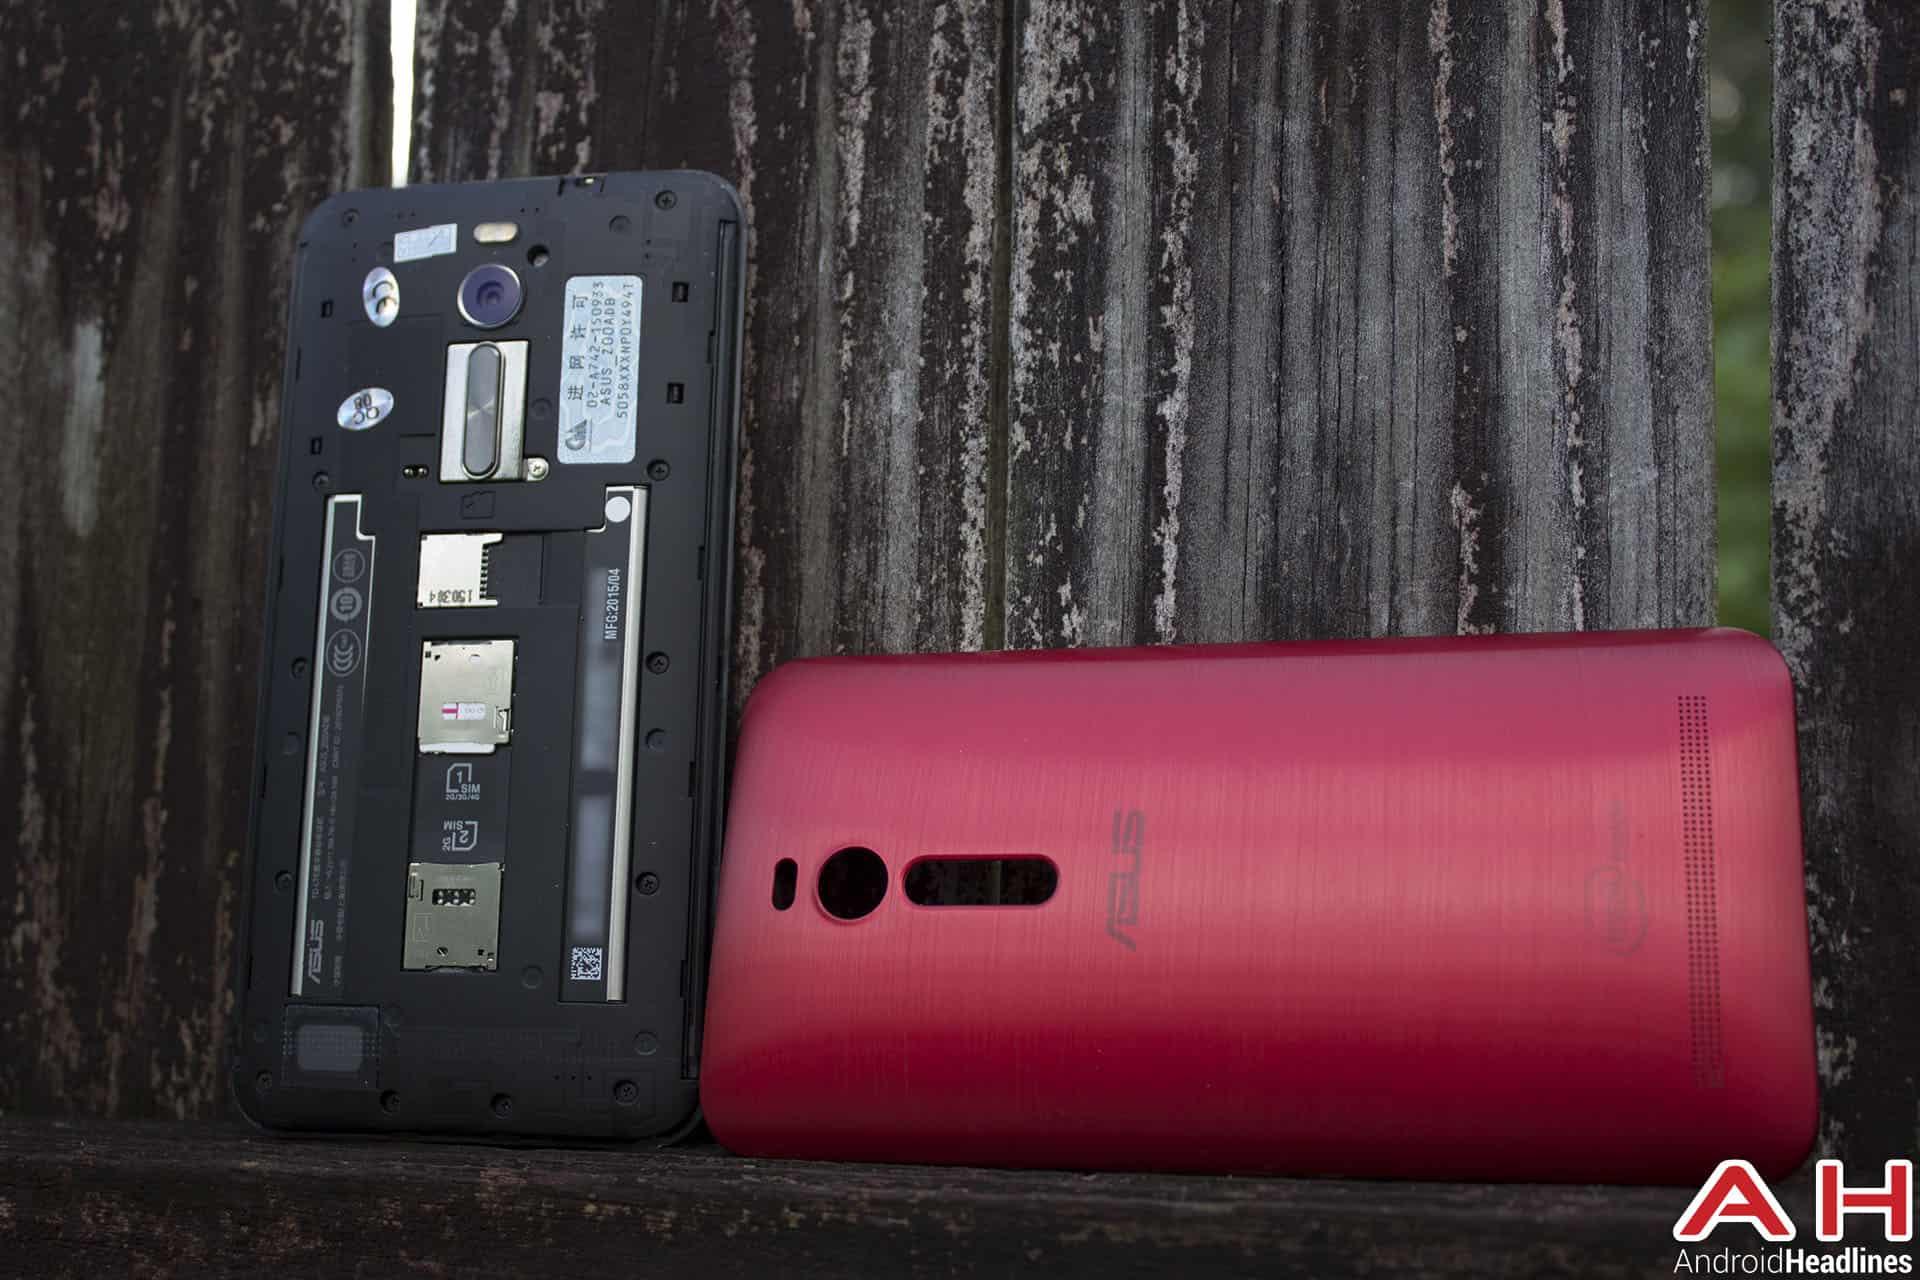 Asus-zenfone-2-battery